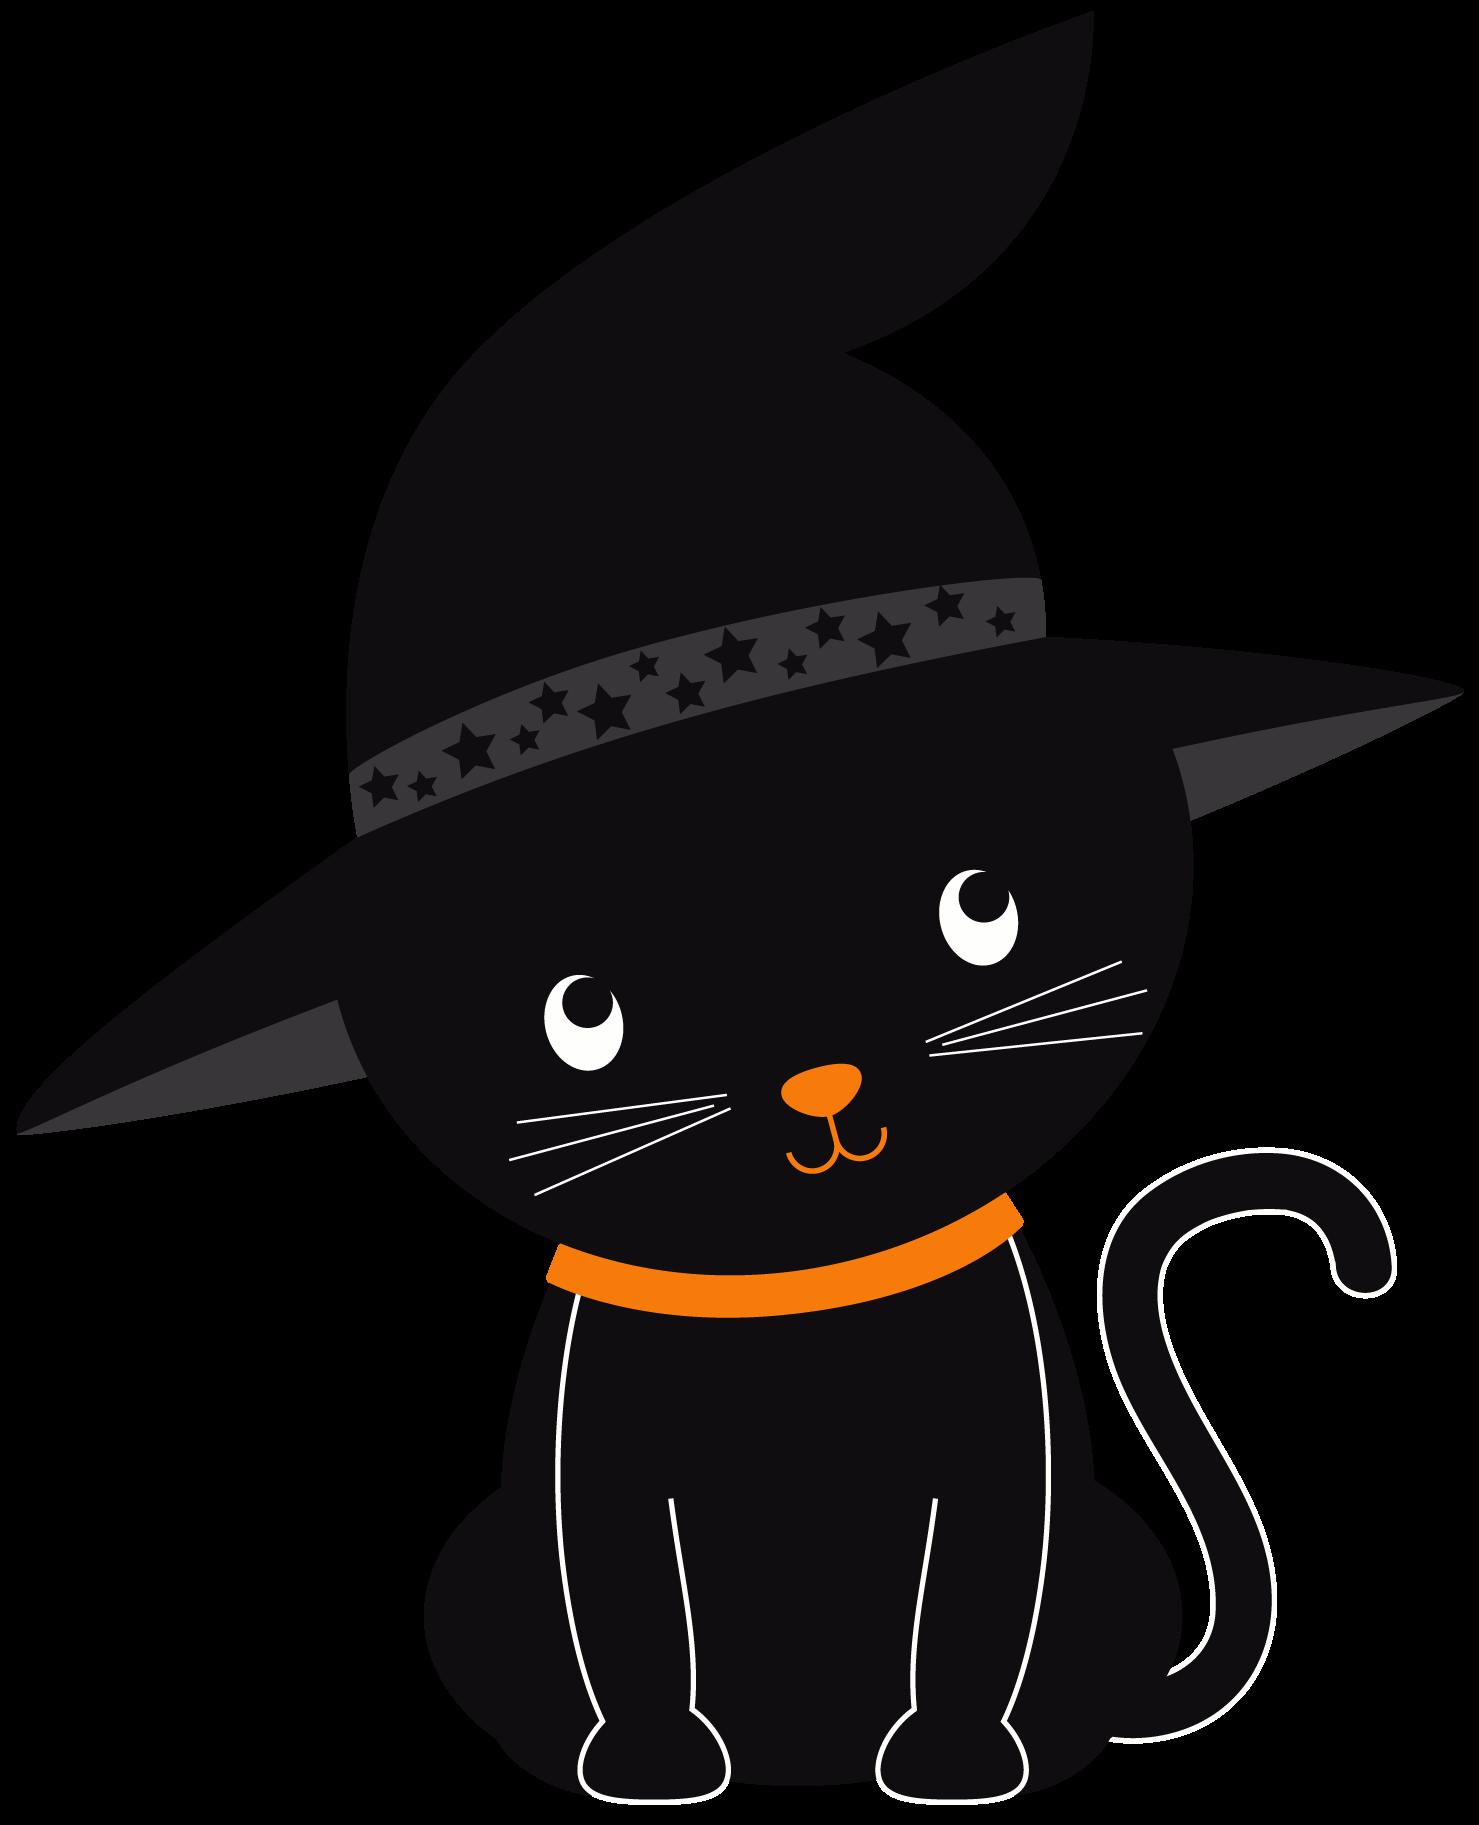 Clipart halloween decoration. Halloweenkittenclipartset id png minus